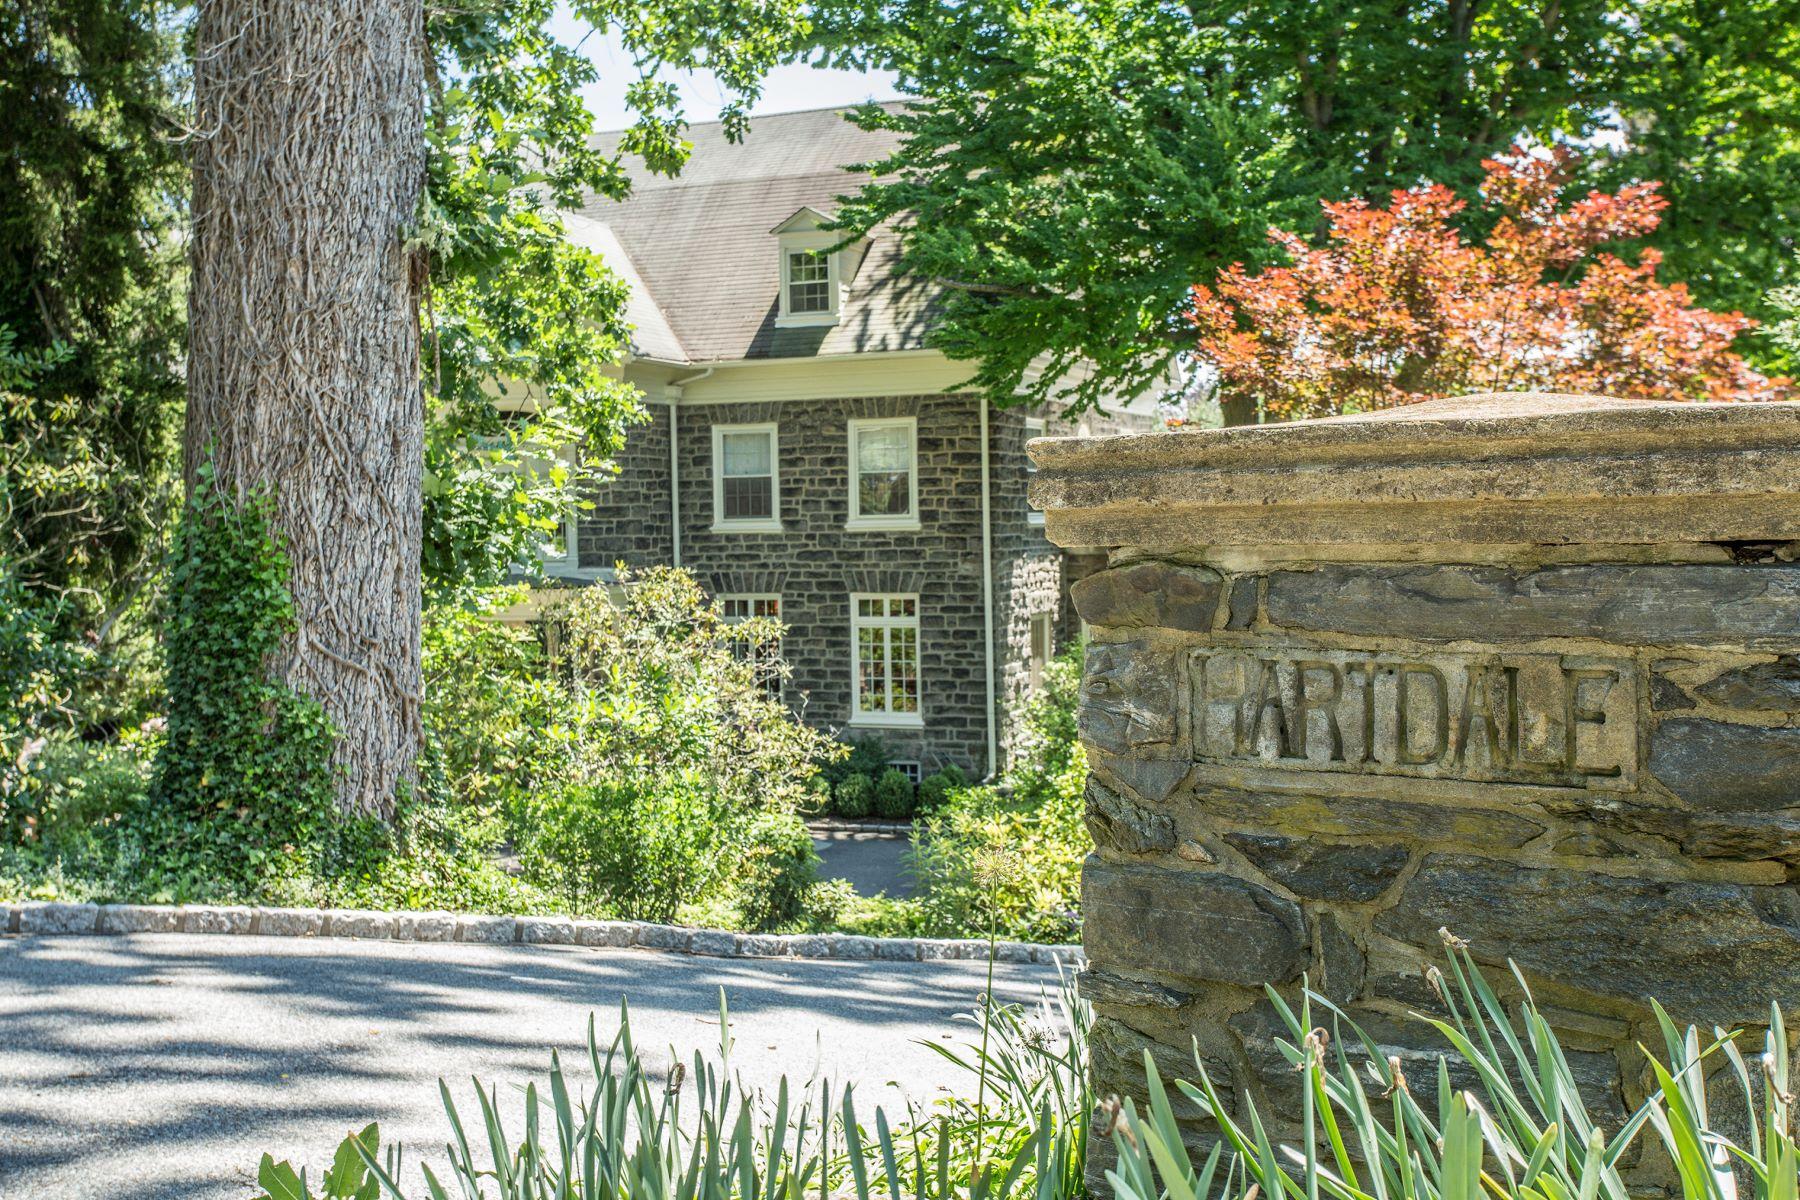 独户住宅 为 销售 在 1221 Lafayette Rd 德维恩, 宾夕法尼亚州, 19035 美国